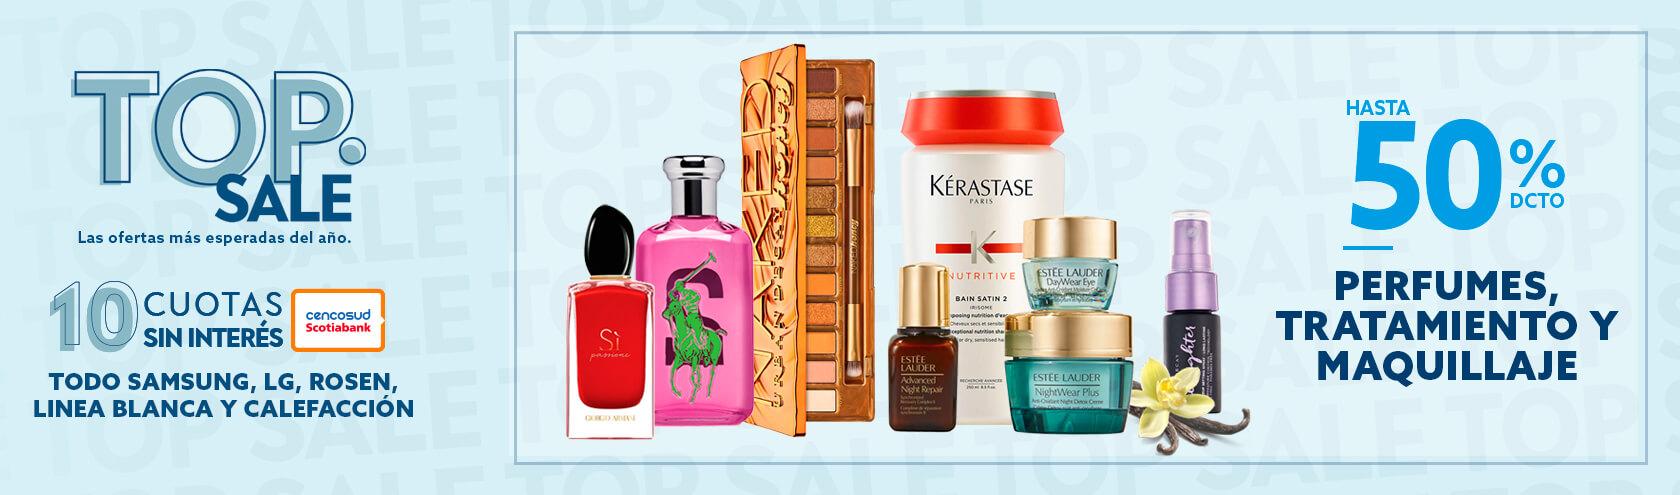 Hasta 50% de descuento en Perfumes, Tratamiento y Maquillaje